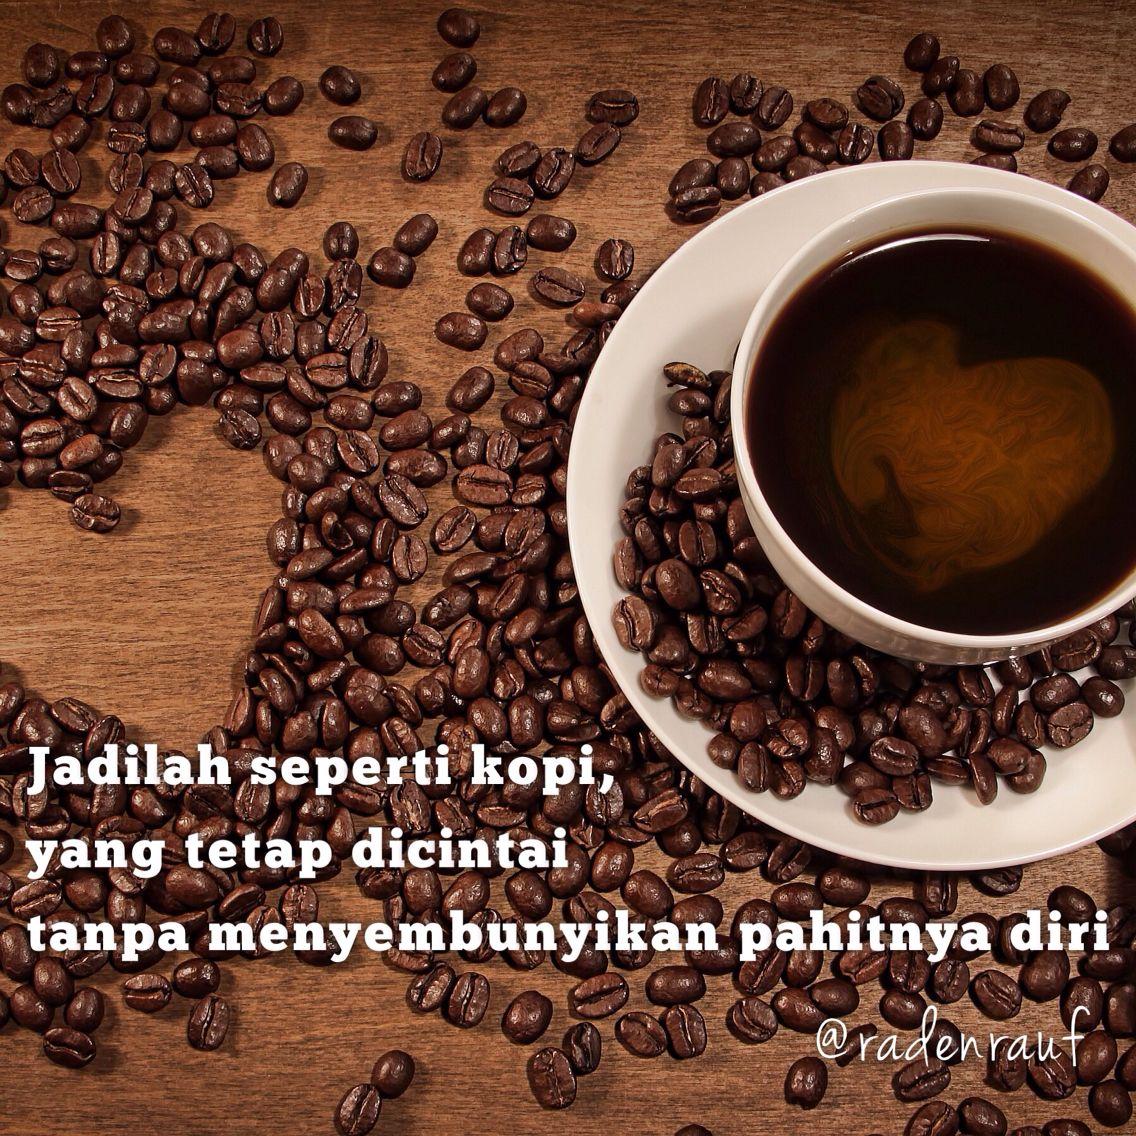 jadilah seperti kopi kopi kutipan kopi pecinta kopi